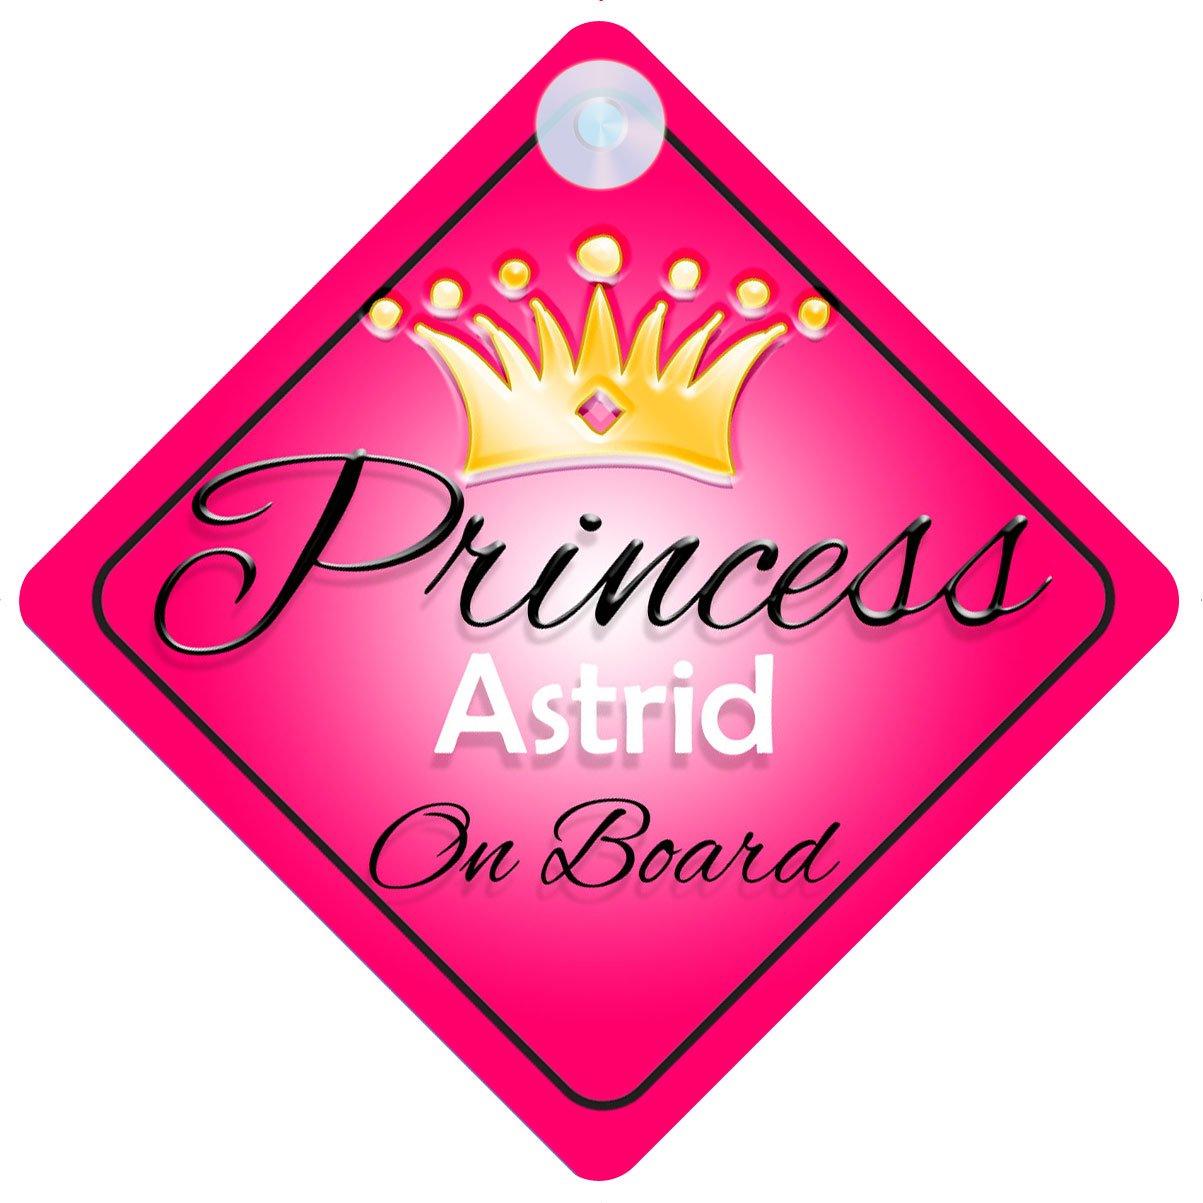 Princesse Astrid on Board Personnalisé Fille Voiture Panneau pour bébé/enfant cadeau 001 mybabyonboard UK